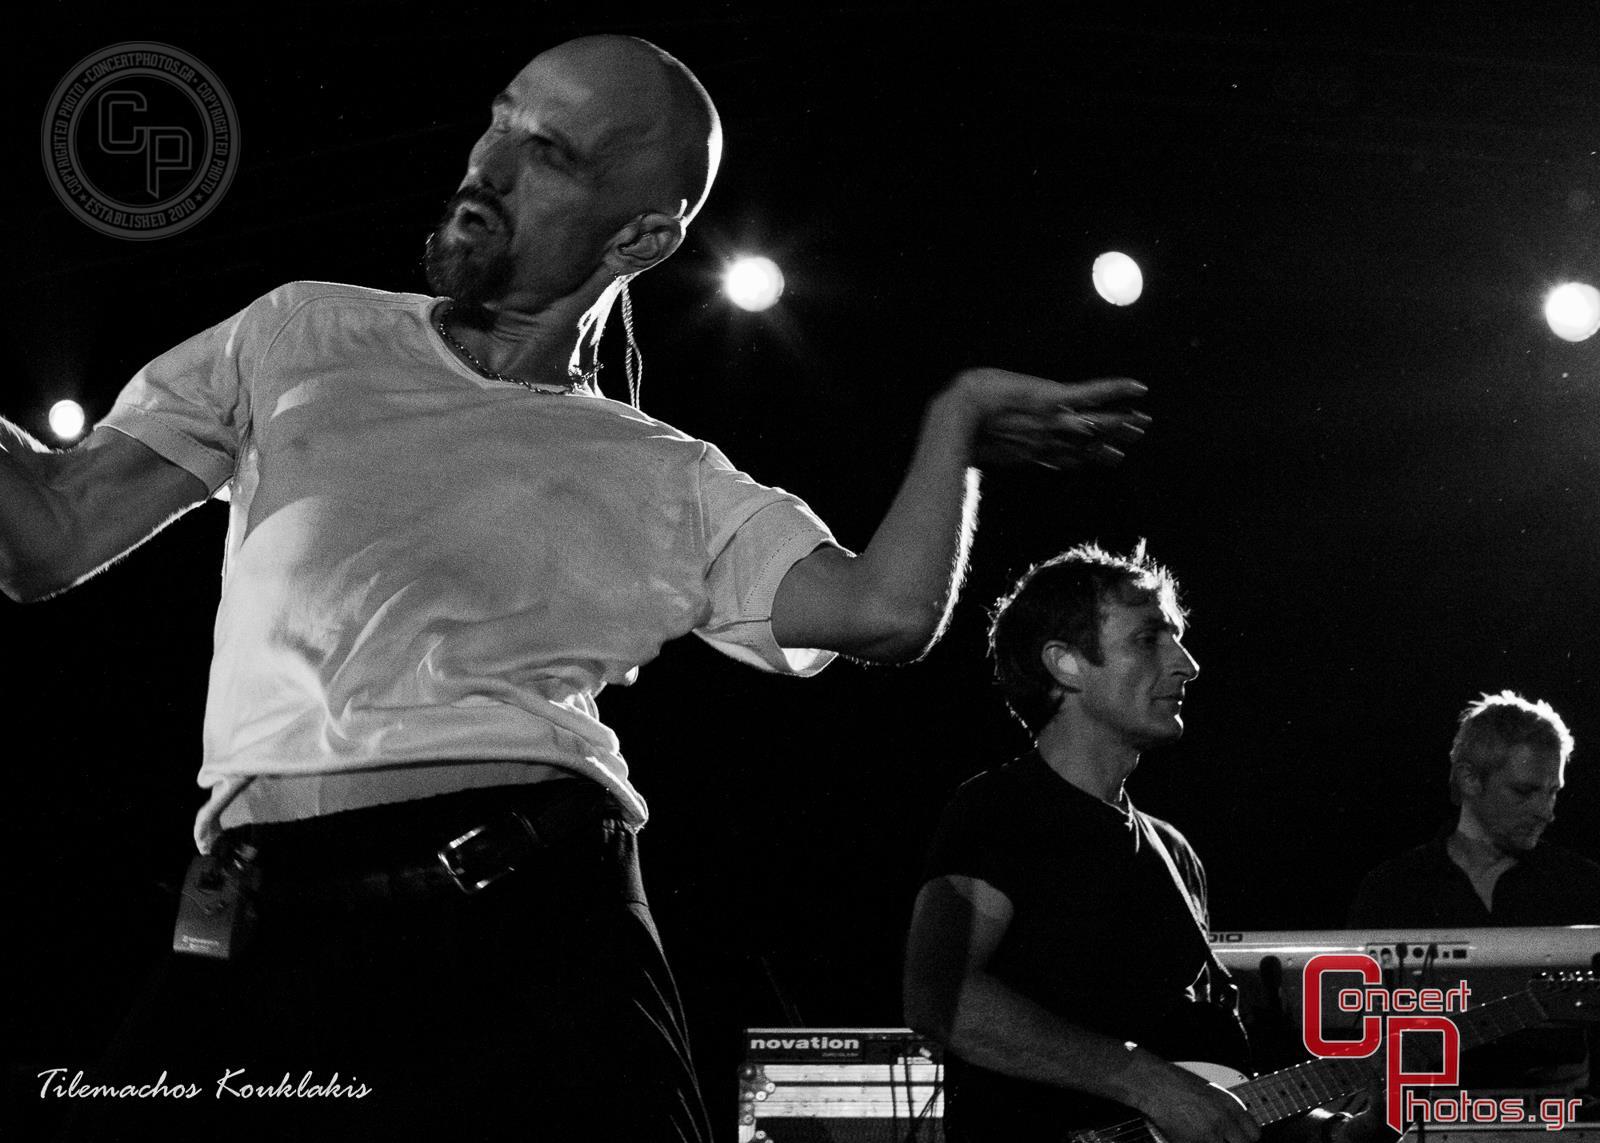 James & Moan-James-Theatro Vrachon photographer:  - Rockwave-2014-31